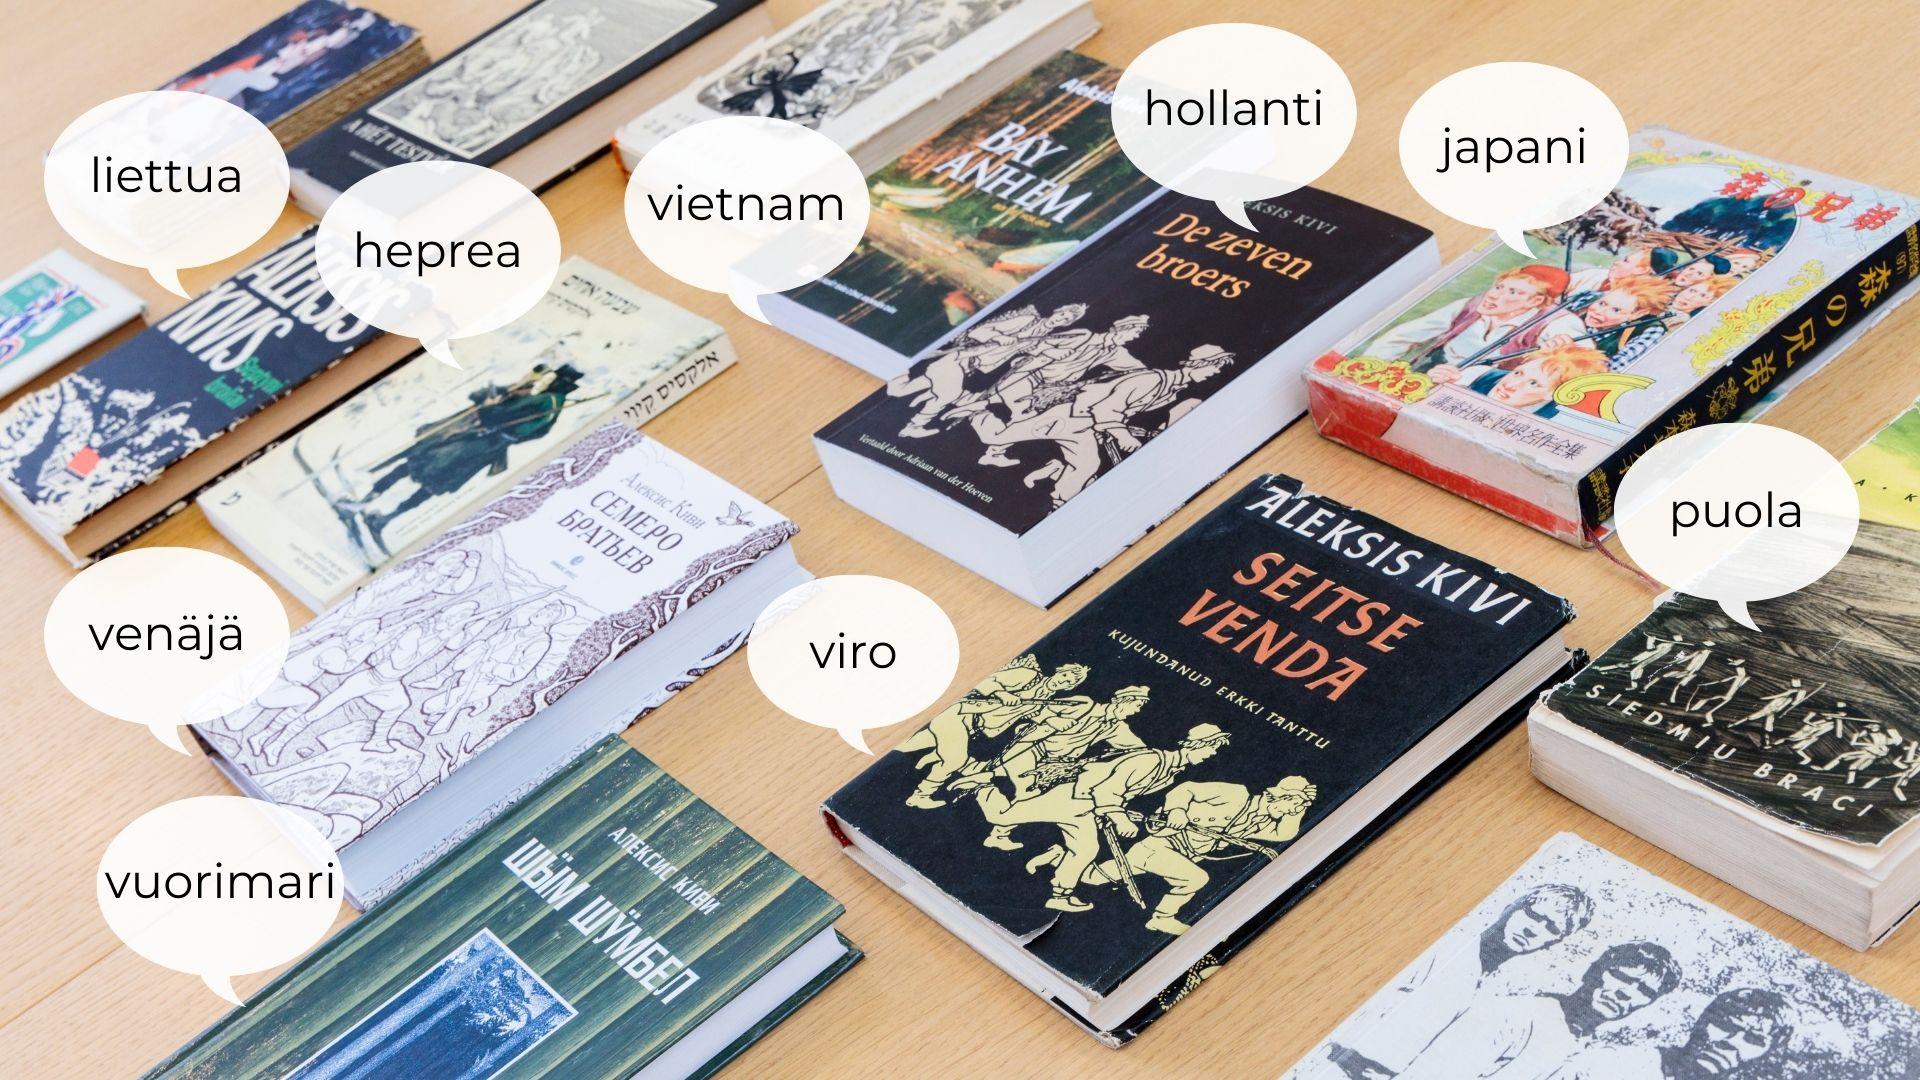 Seitsemän veljeksen käännöksiä eri kielille